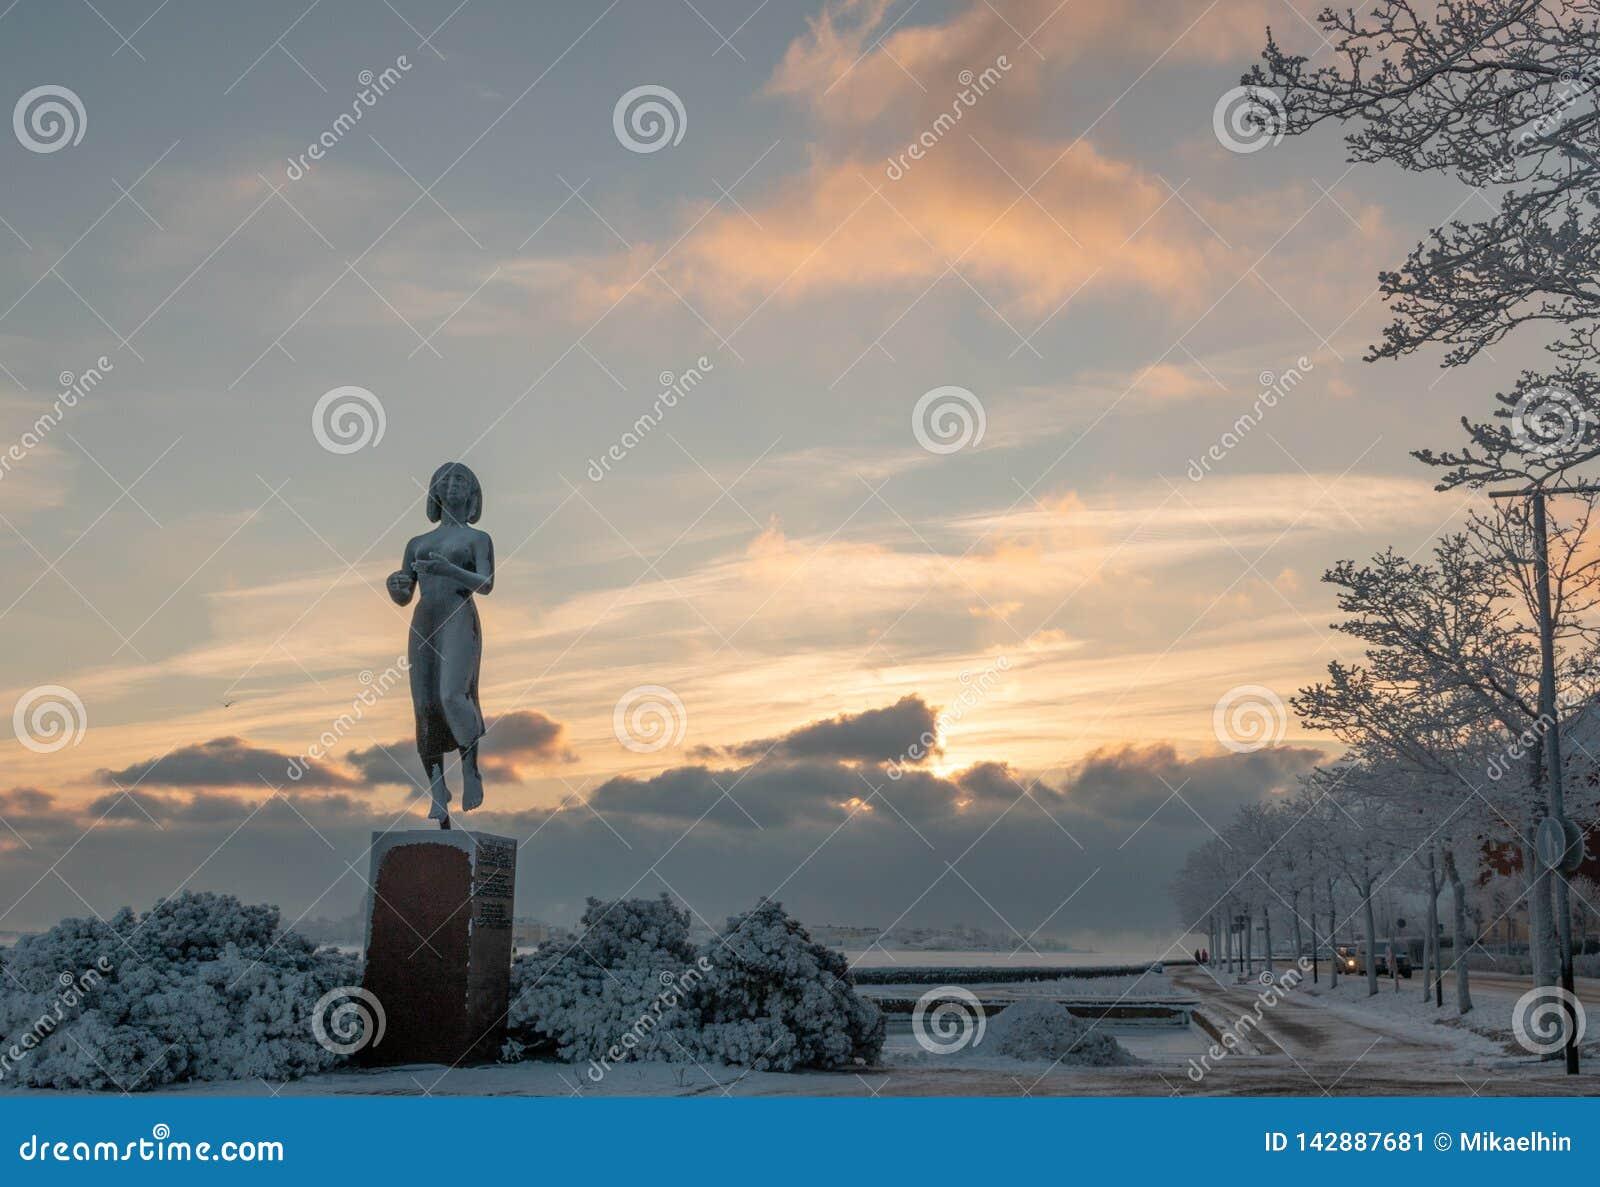 HELSÍNQUIA, FINLANDIA - 8 de janeiro de 2015: A estátua de Rauhanpatsas da paz em Helsínquia, Finlandia no inverno